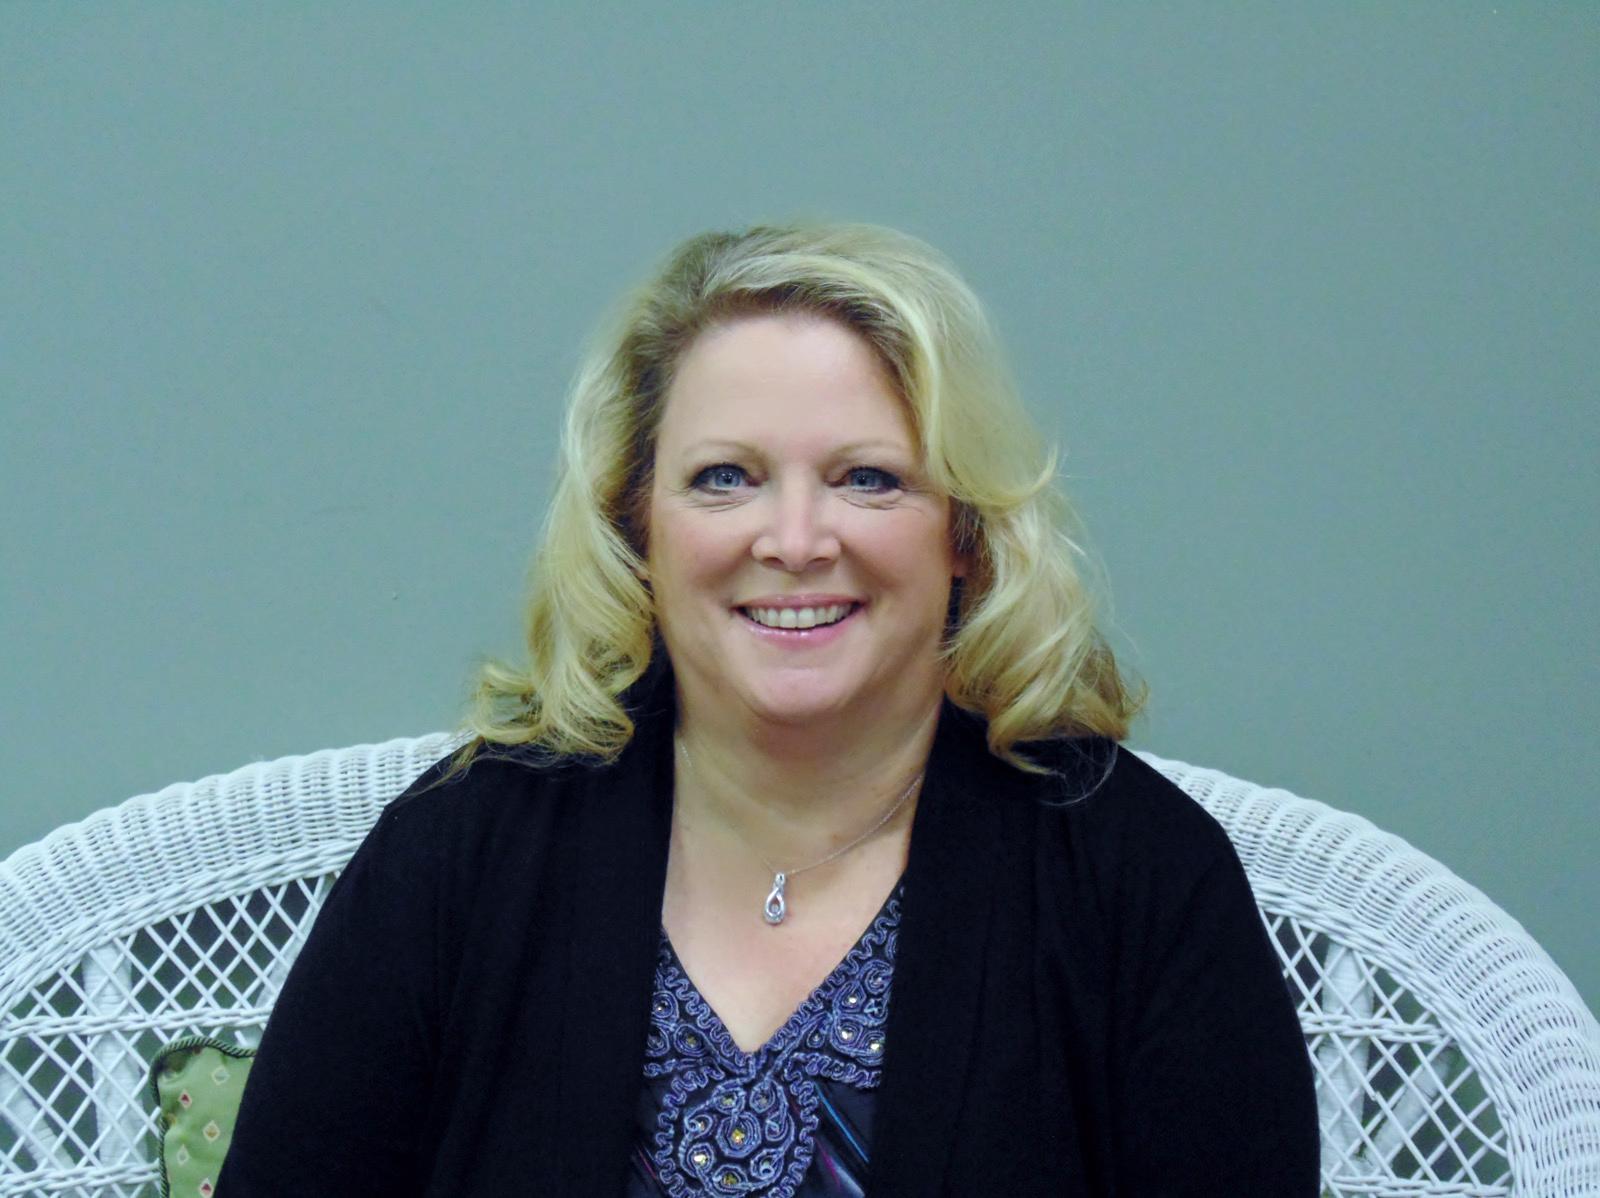 Karla Garner ILS/Employment Specialist ext 227 kgarner@accessii.org